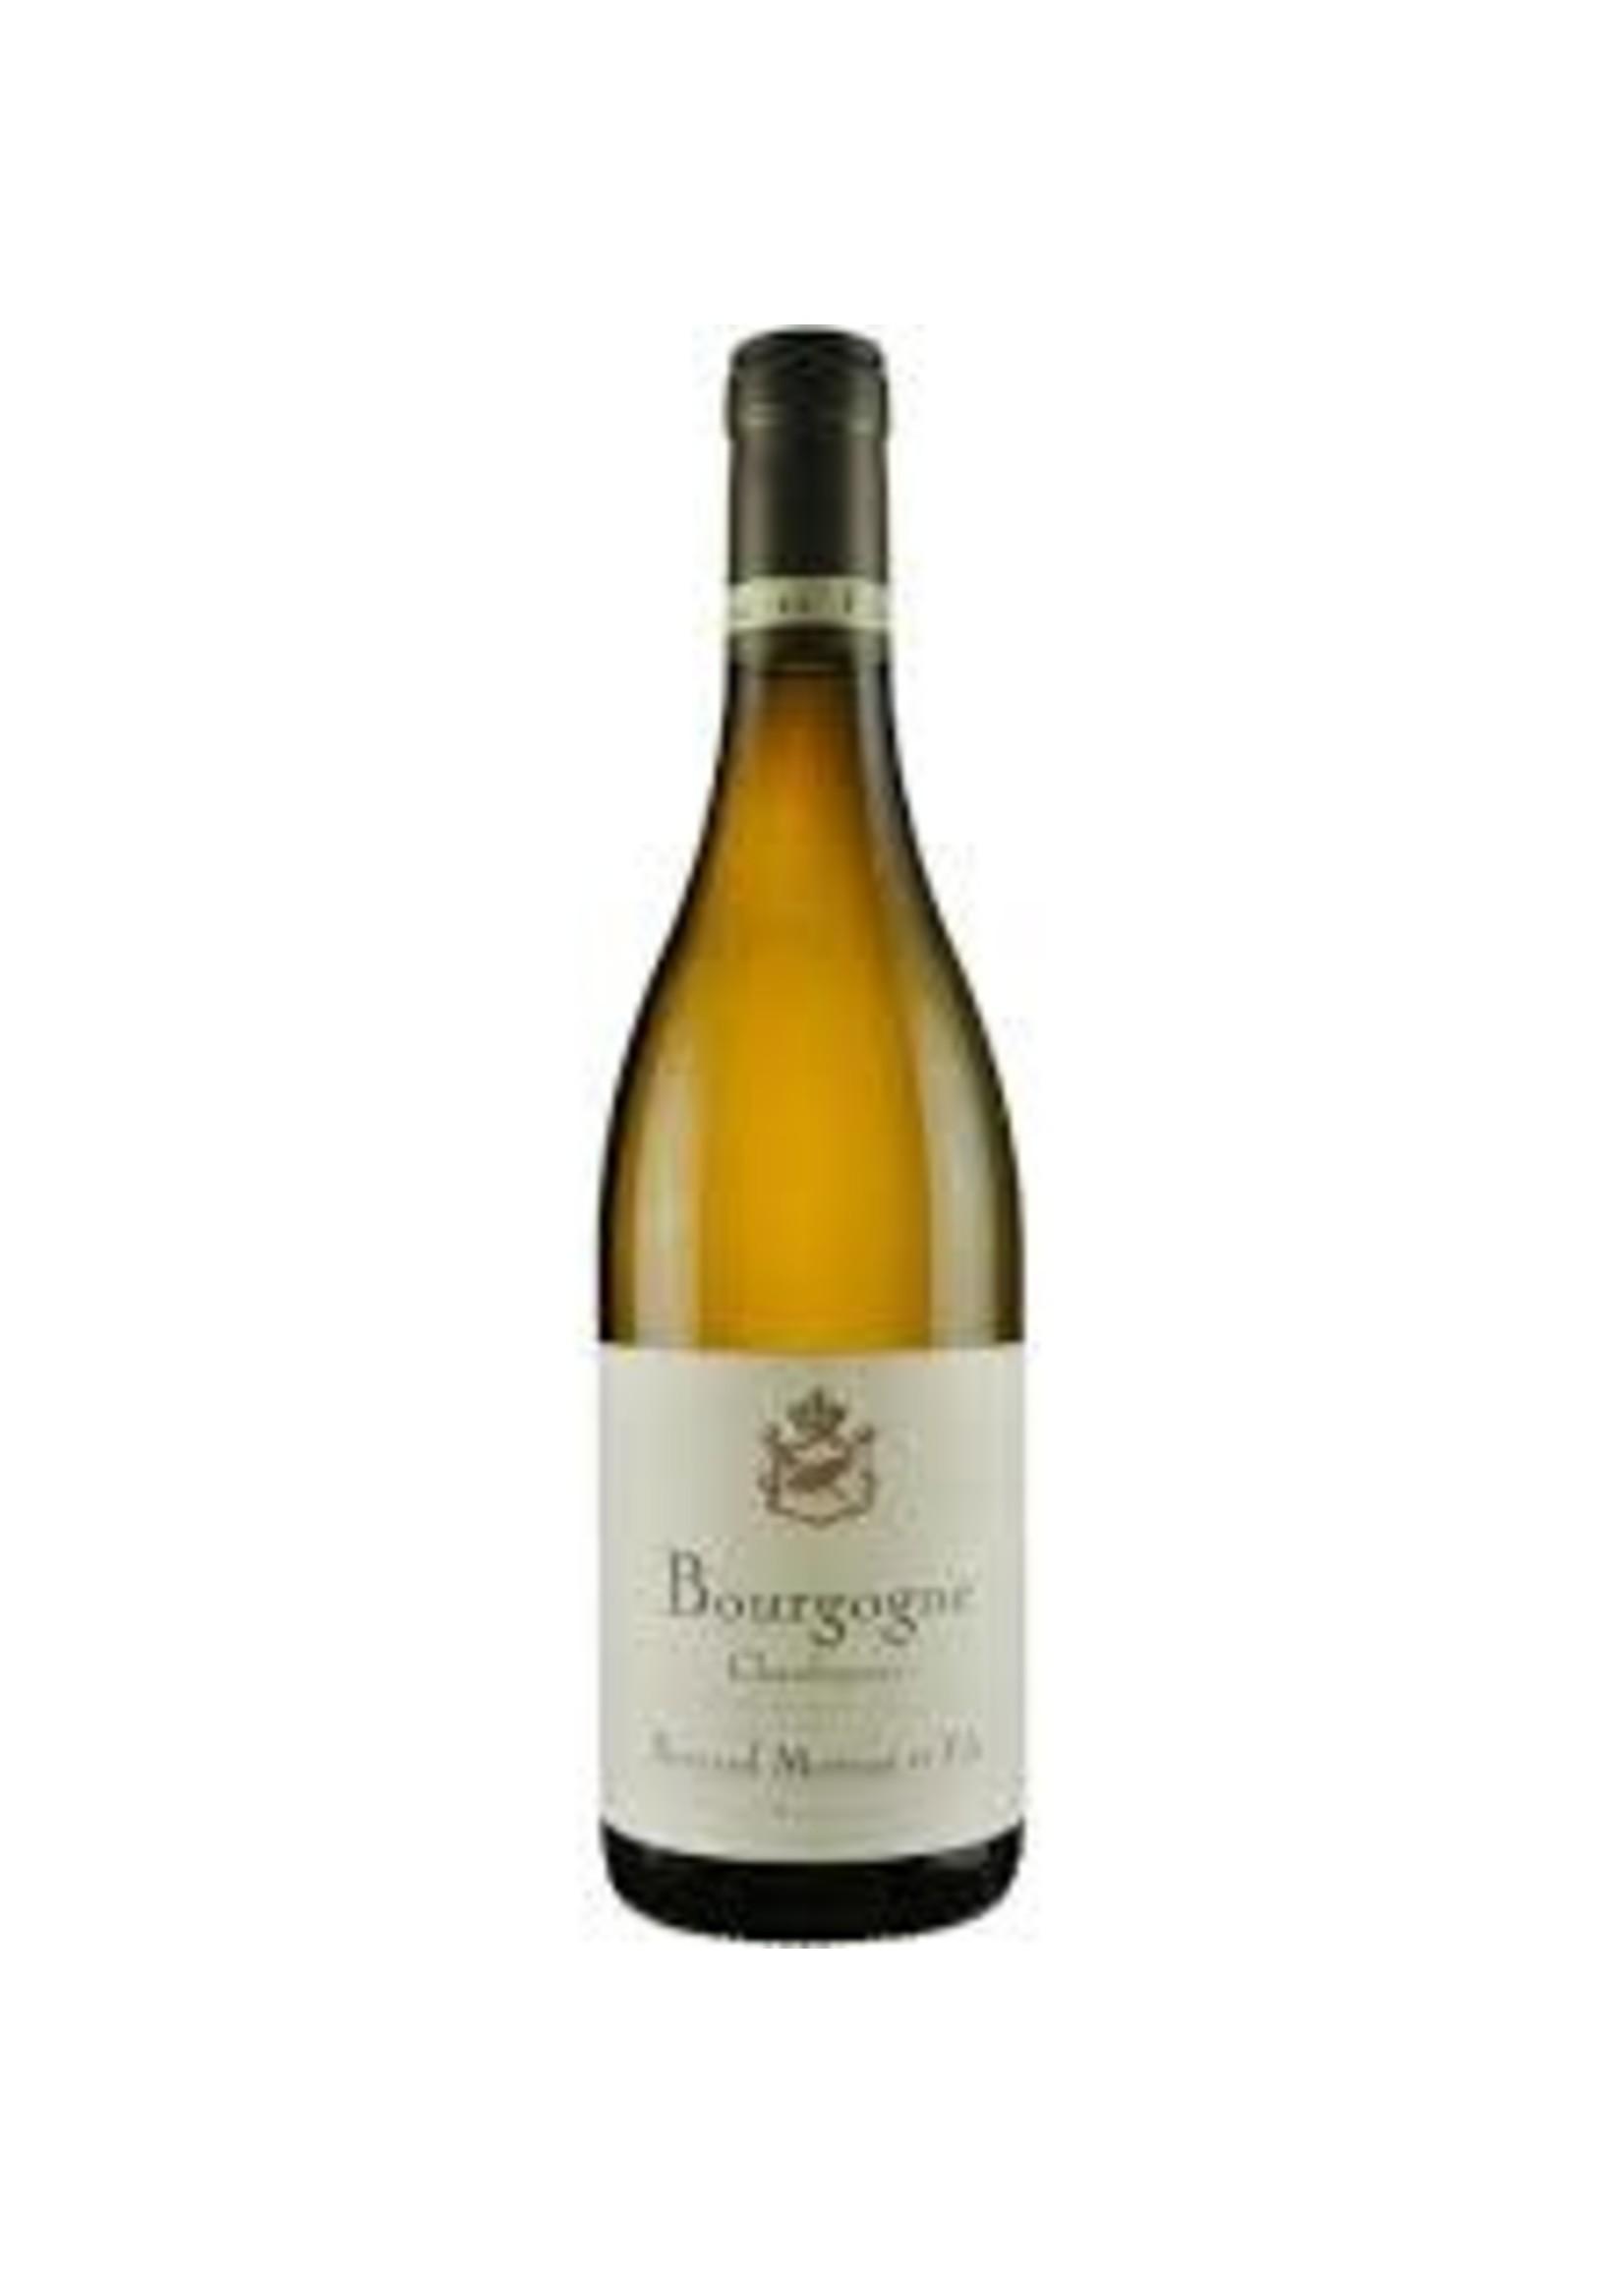 Bernard Moreau et Fils 2017 Bourgogne Blanc 750ml